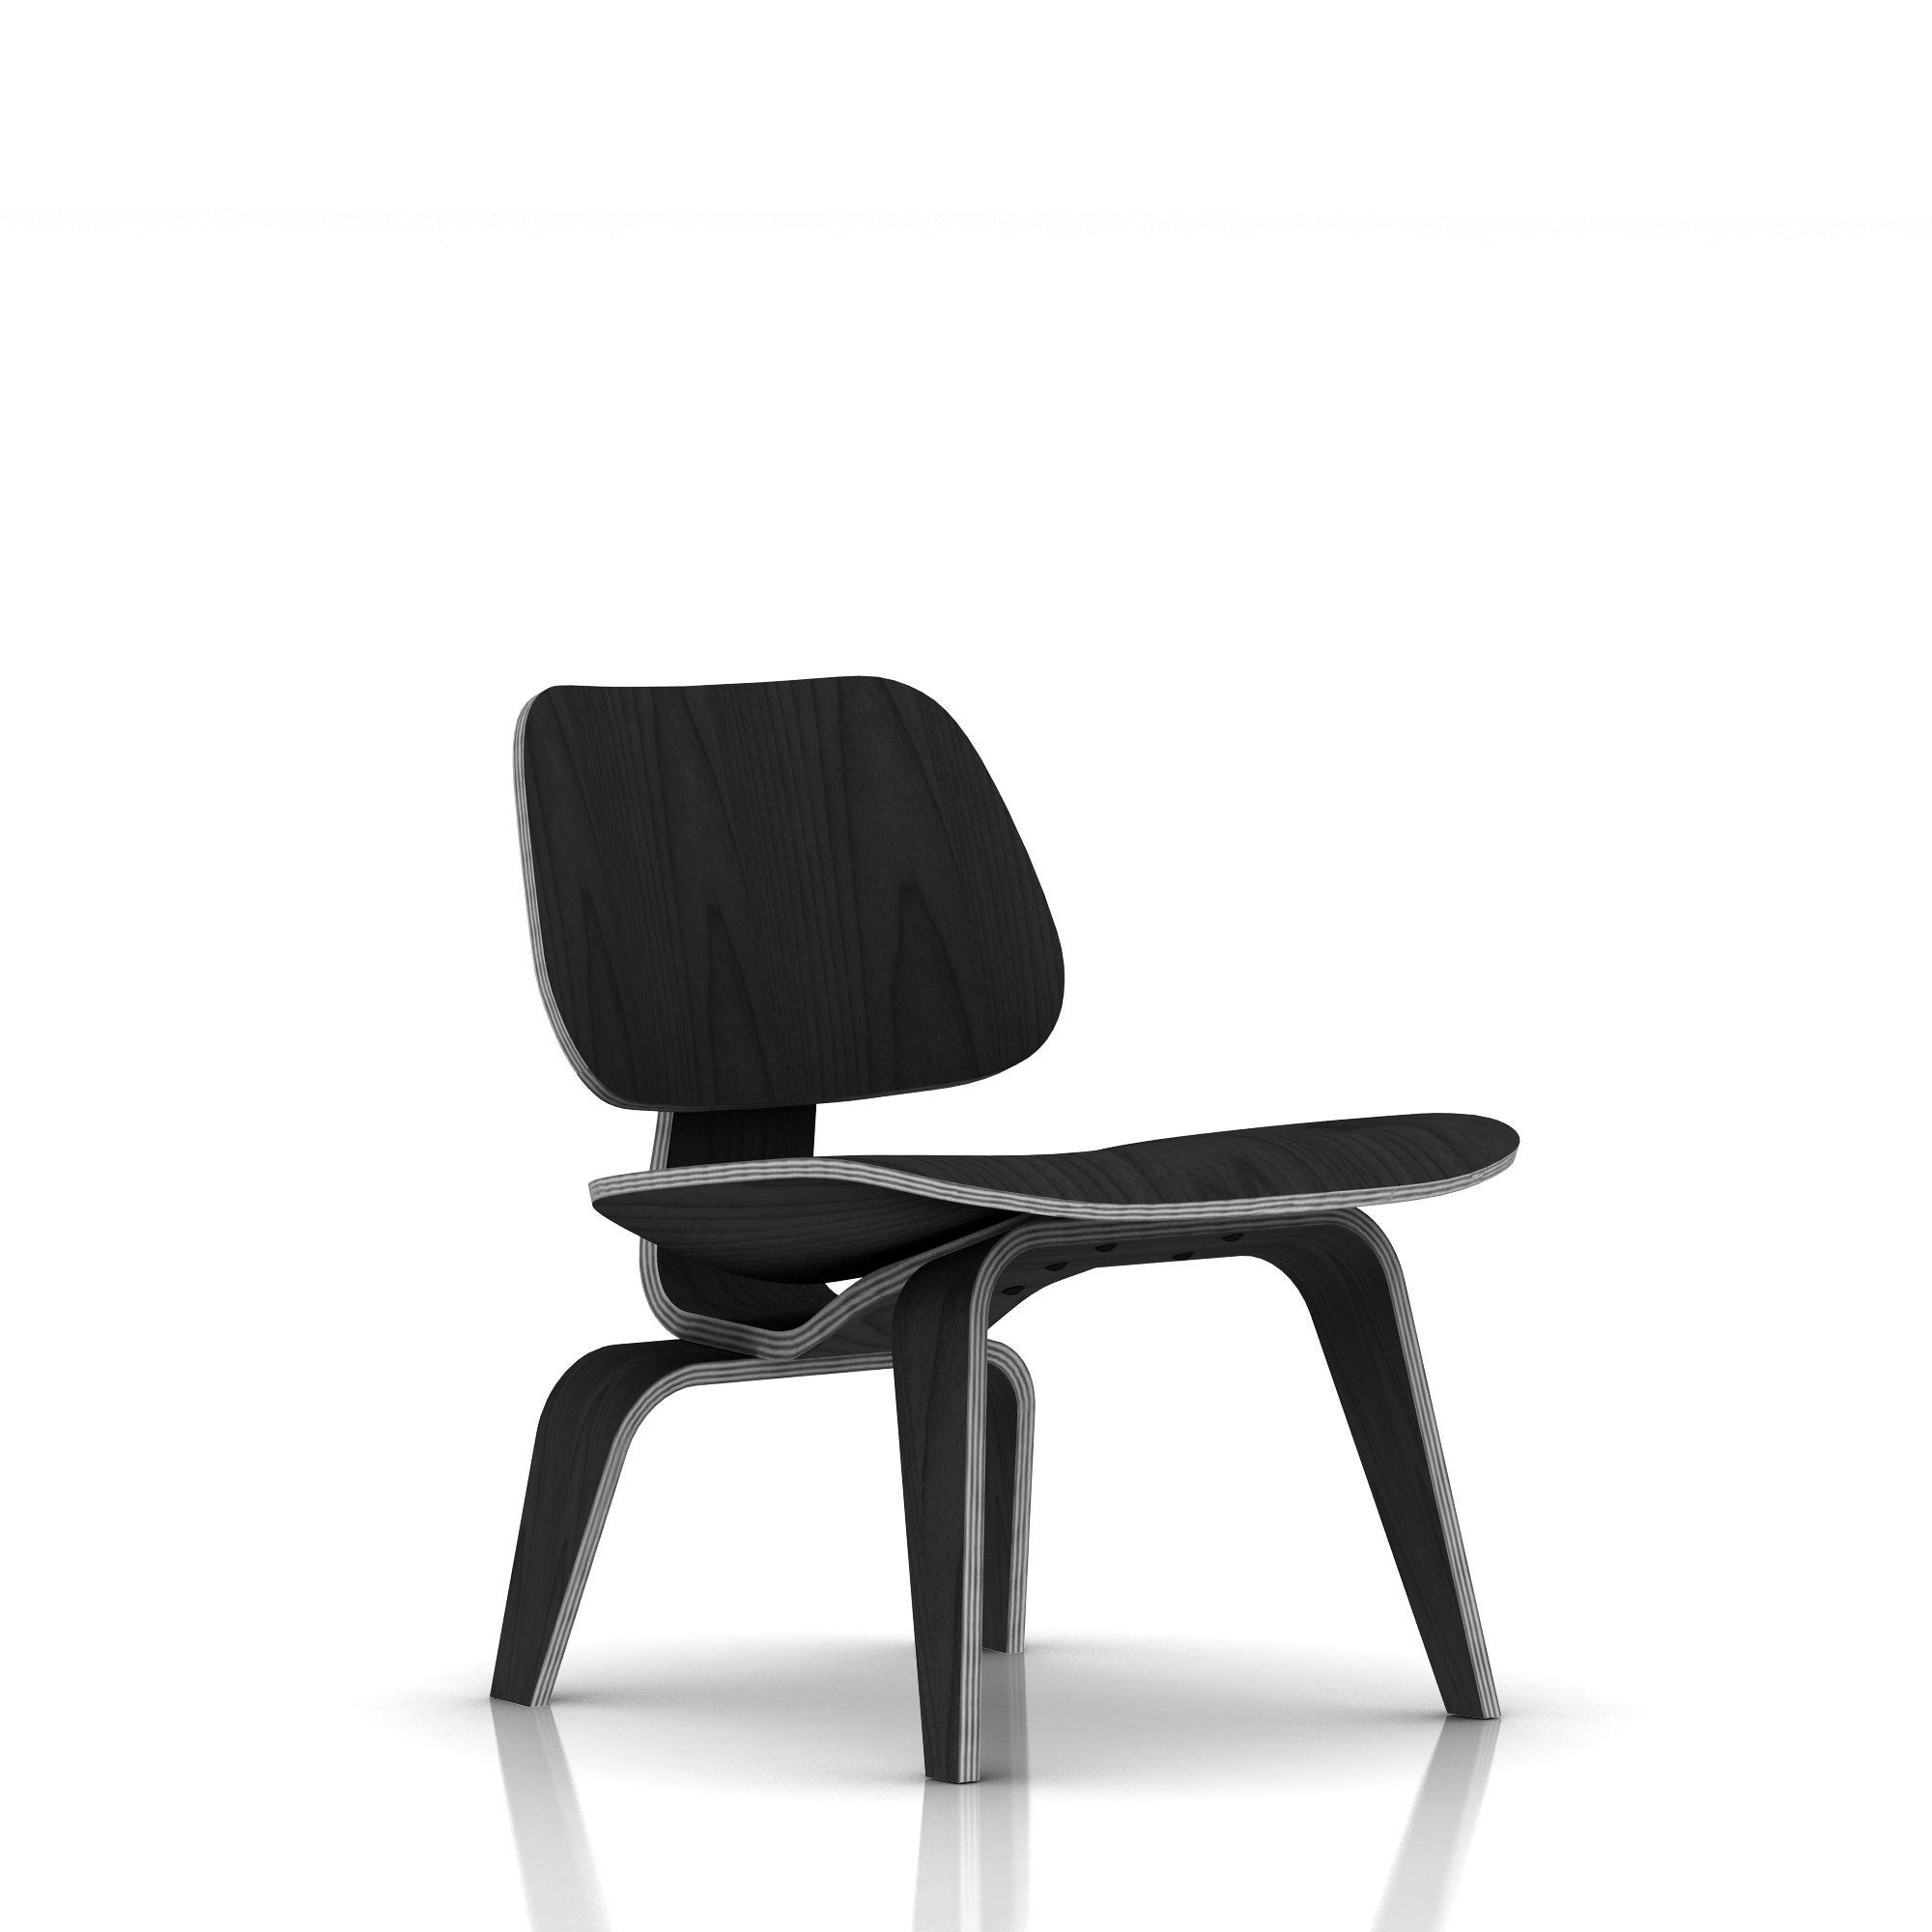 Herman Miller Eames® Molded Plywood Lounge Chair - Wood .  sc 1 st  Visual Hunt & Eames Lounge Chair Wood - Visual Hunt